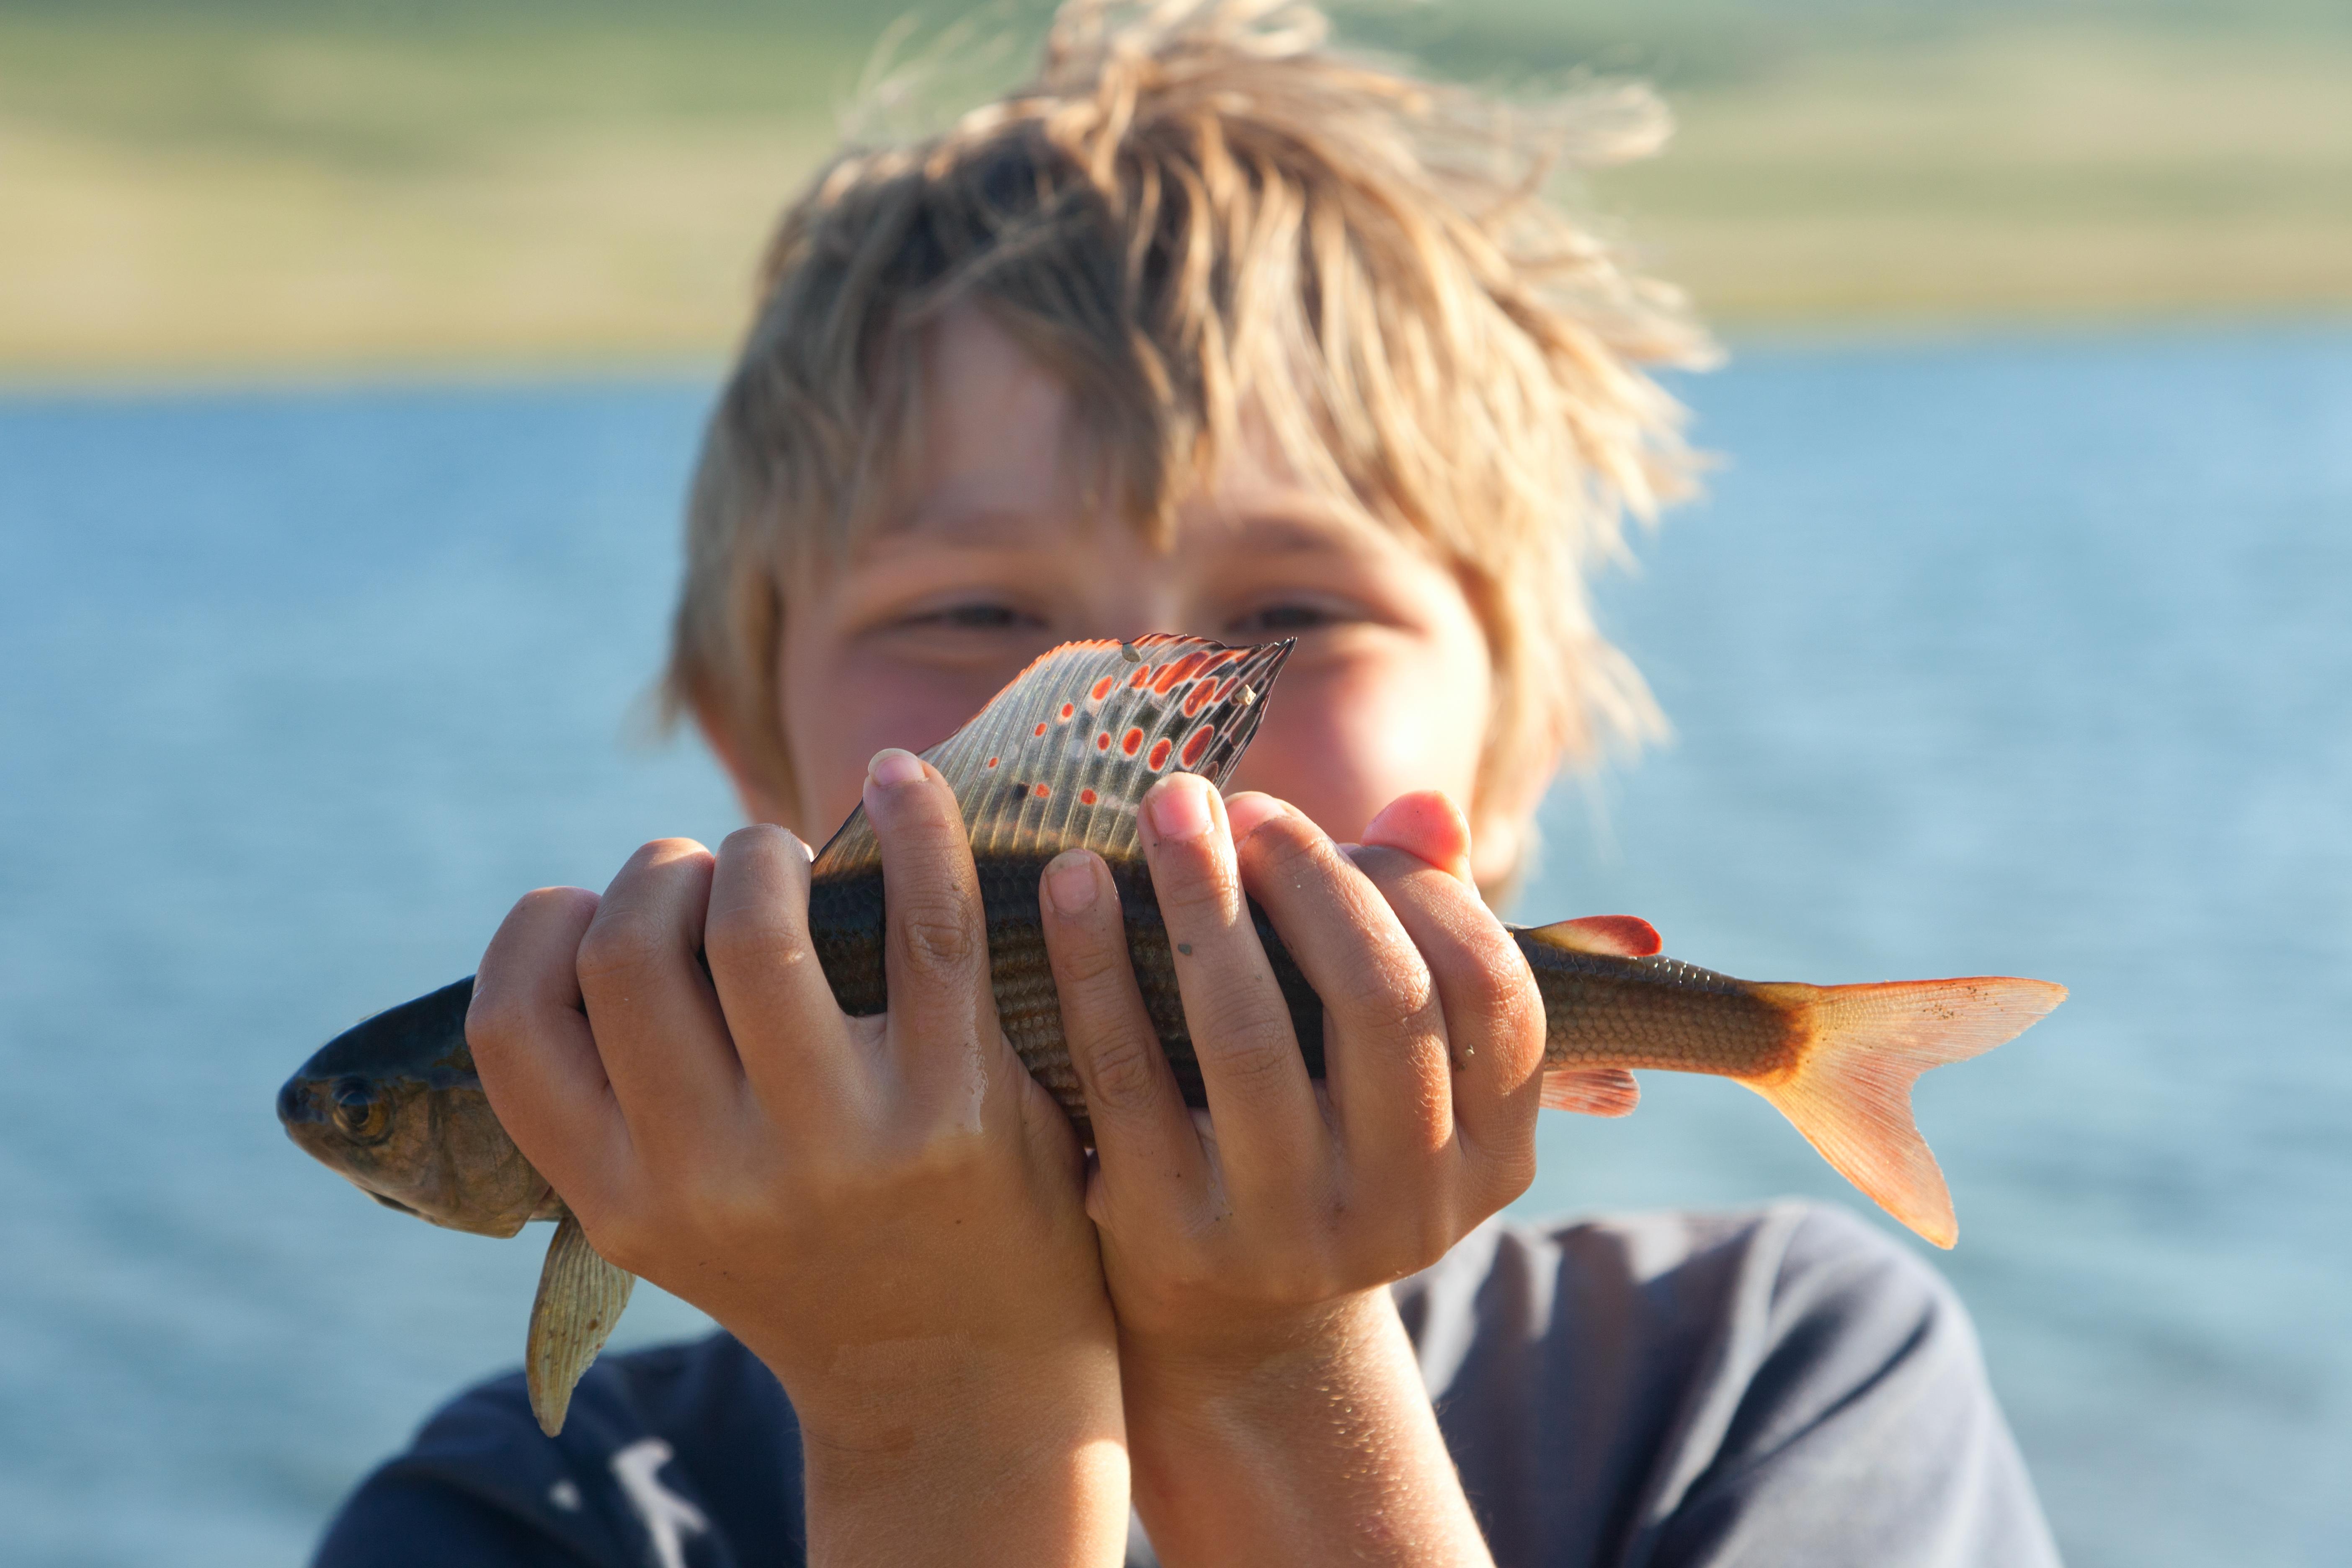 Shutter kid holding fish.jpg